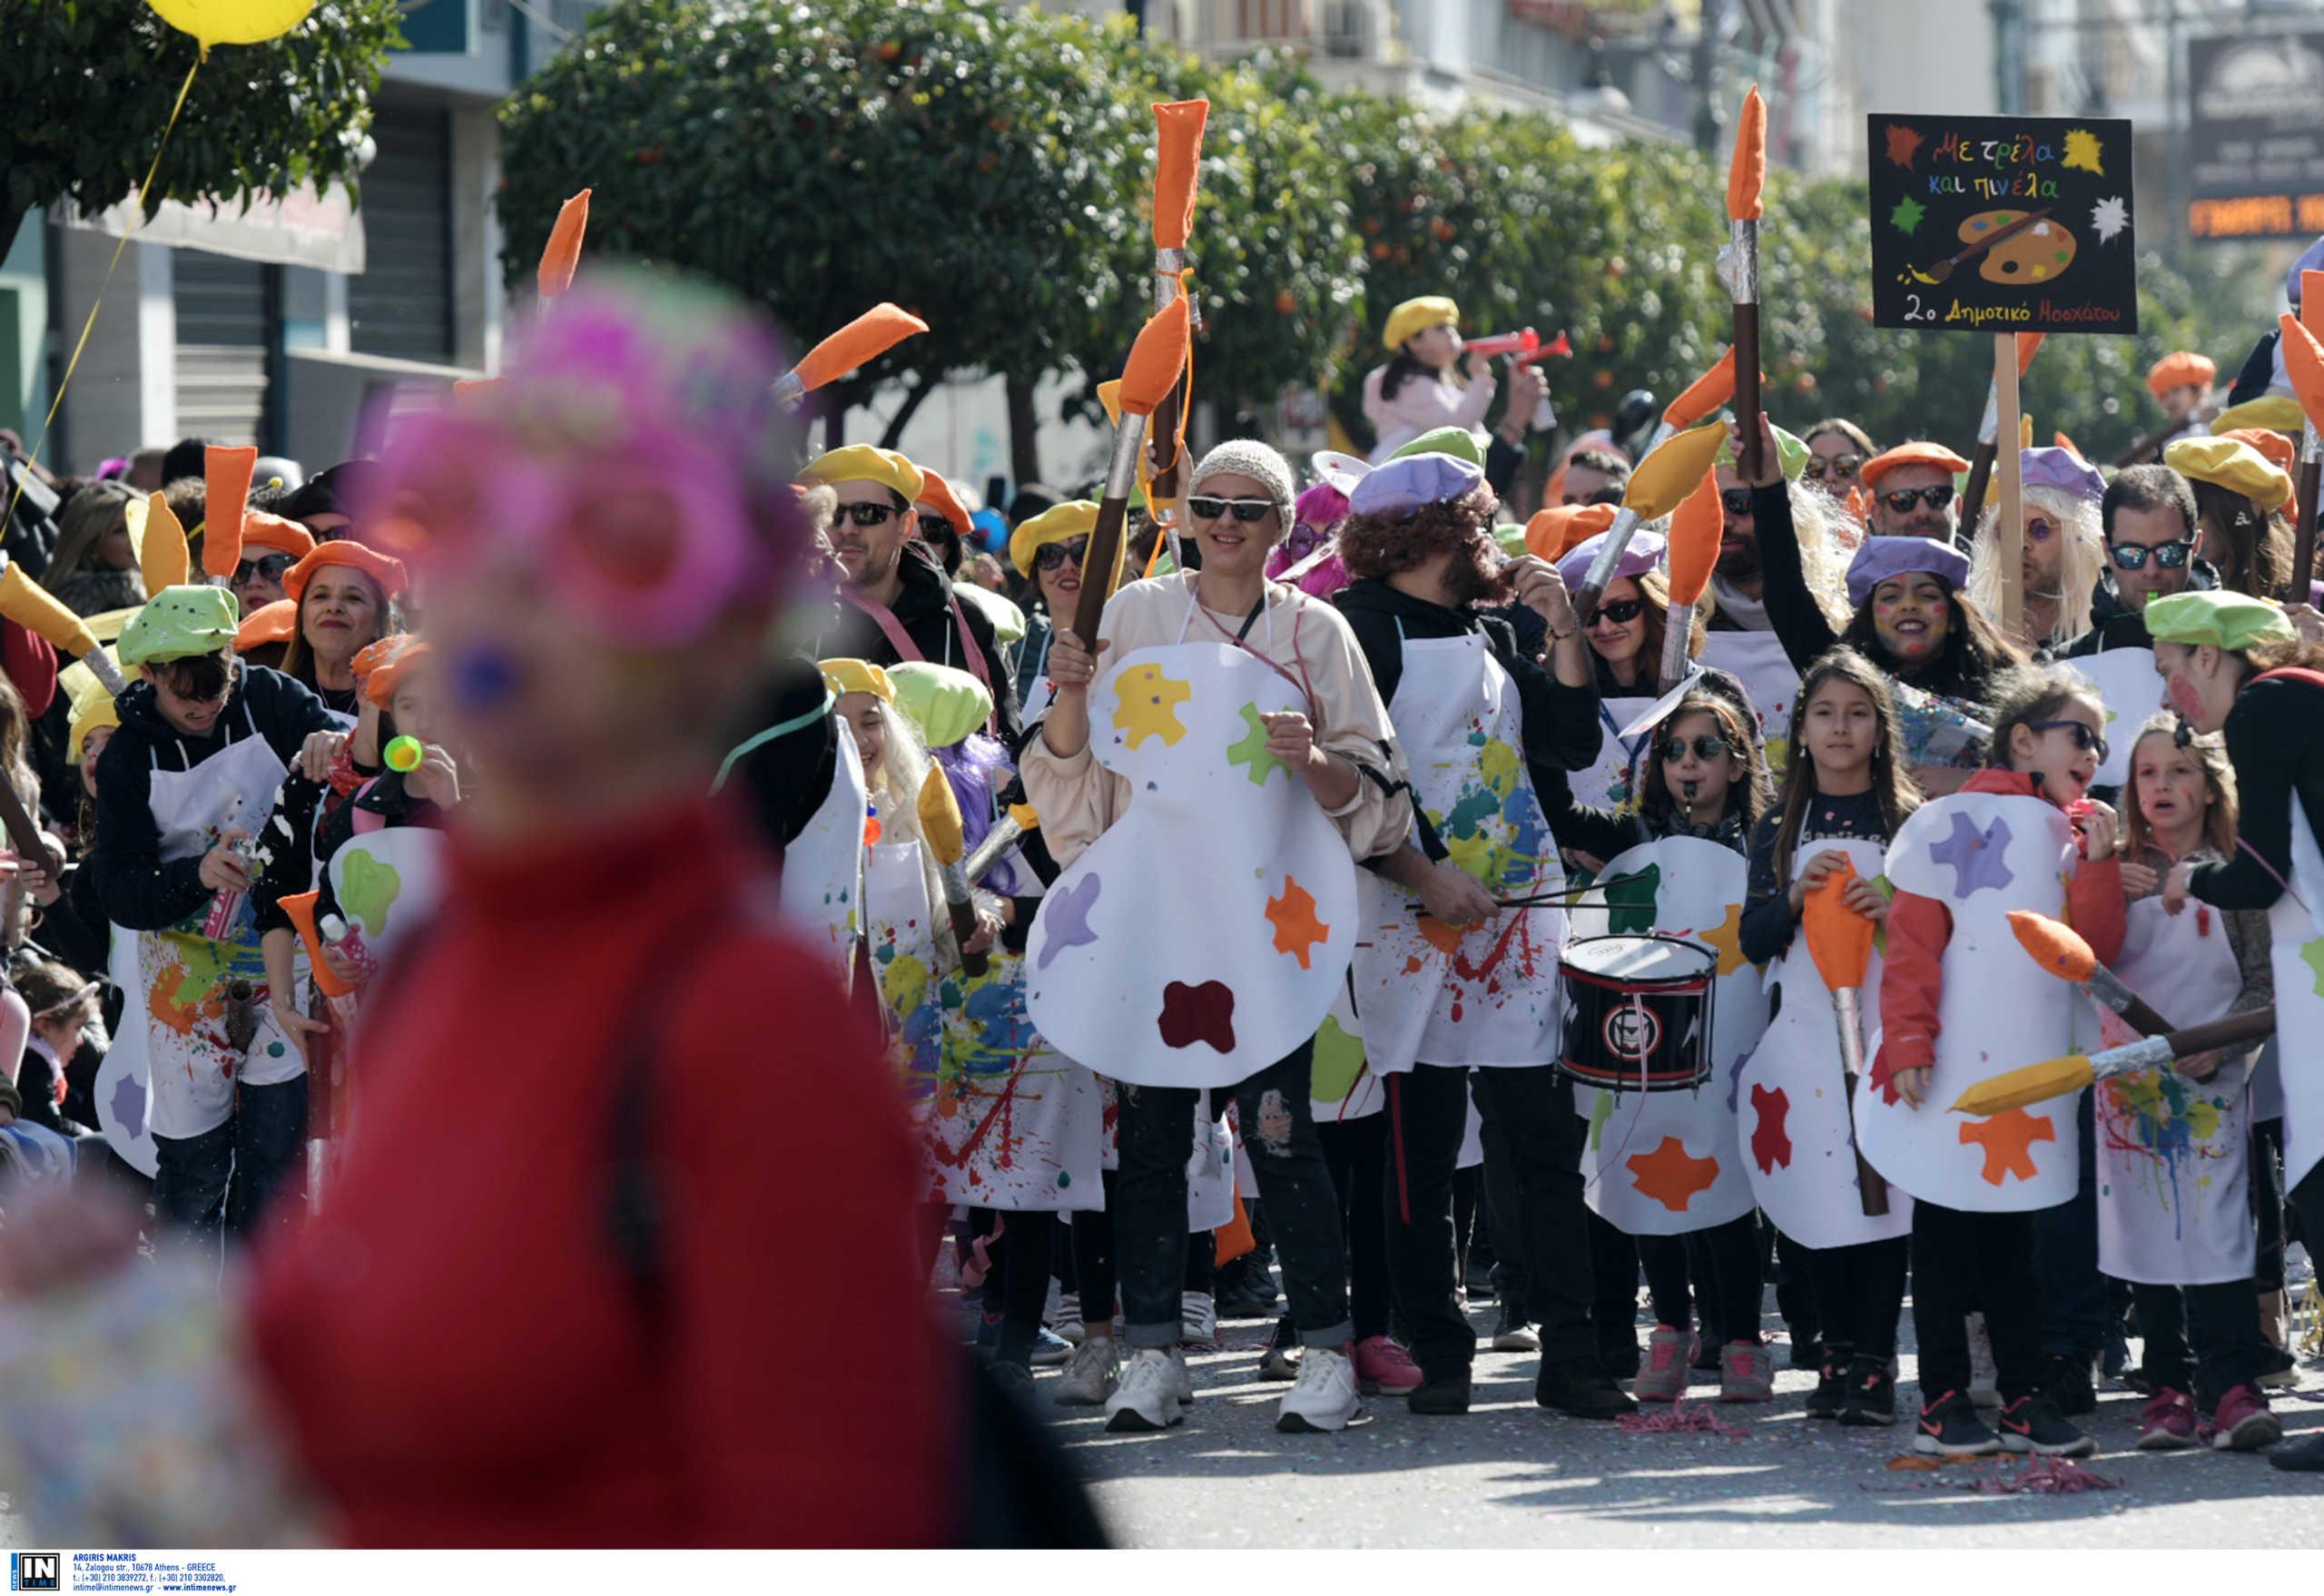 Κορονοϊός: Ματαιώνονται οι αποκριάτικες εκδηλώσεις στο Δήμο Πειραιά